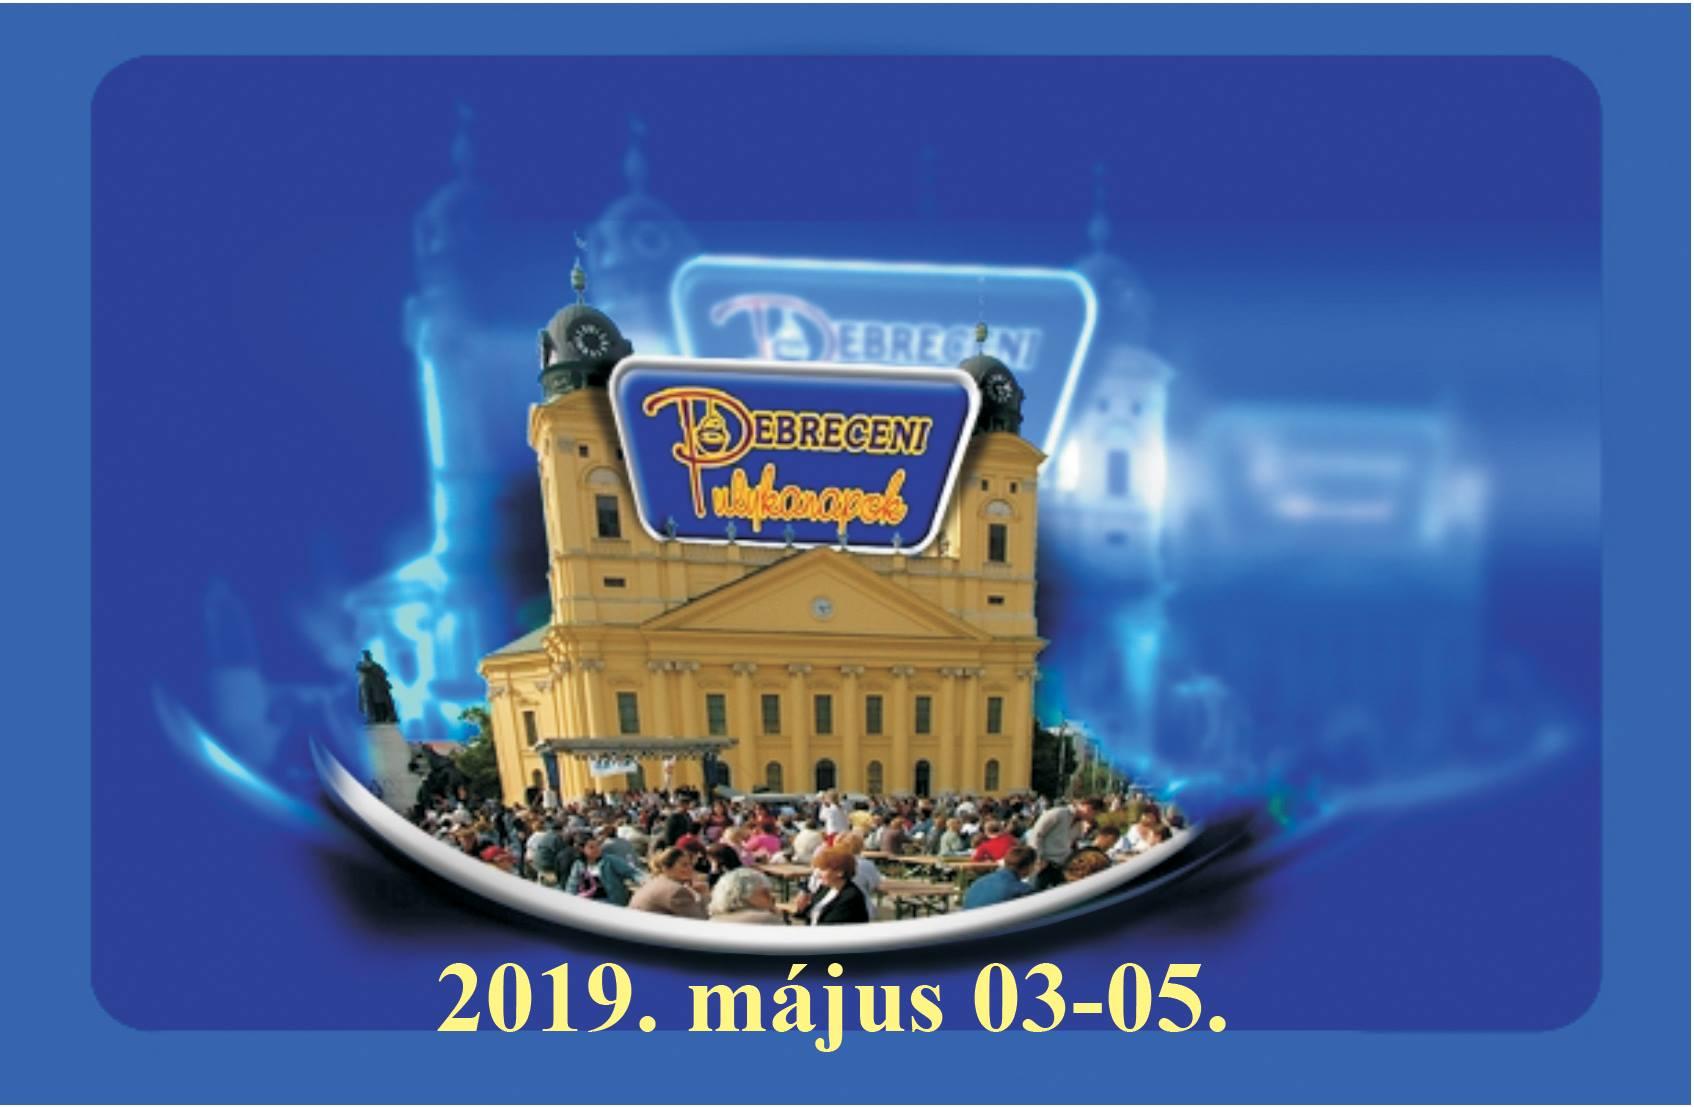 17.Debreceni Pulykanapok